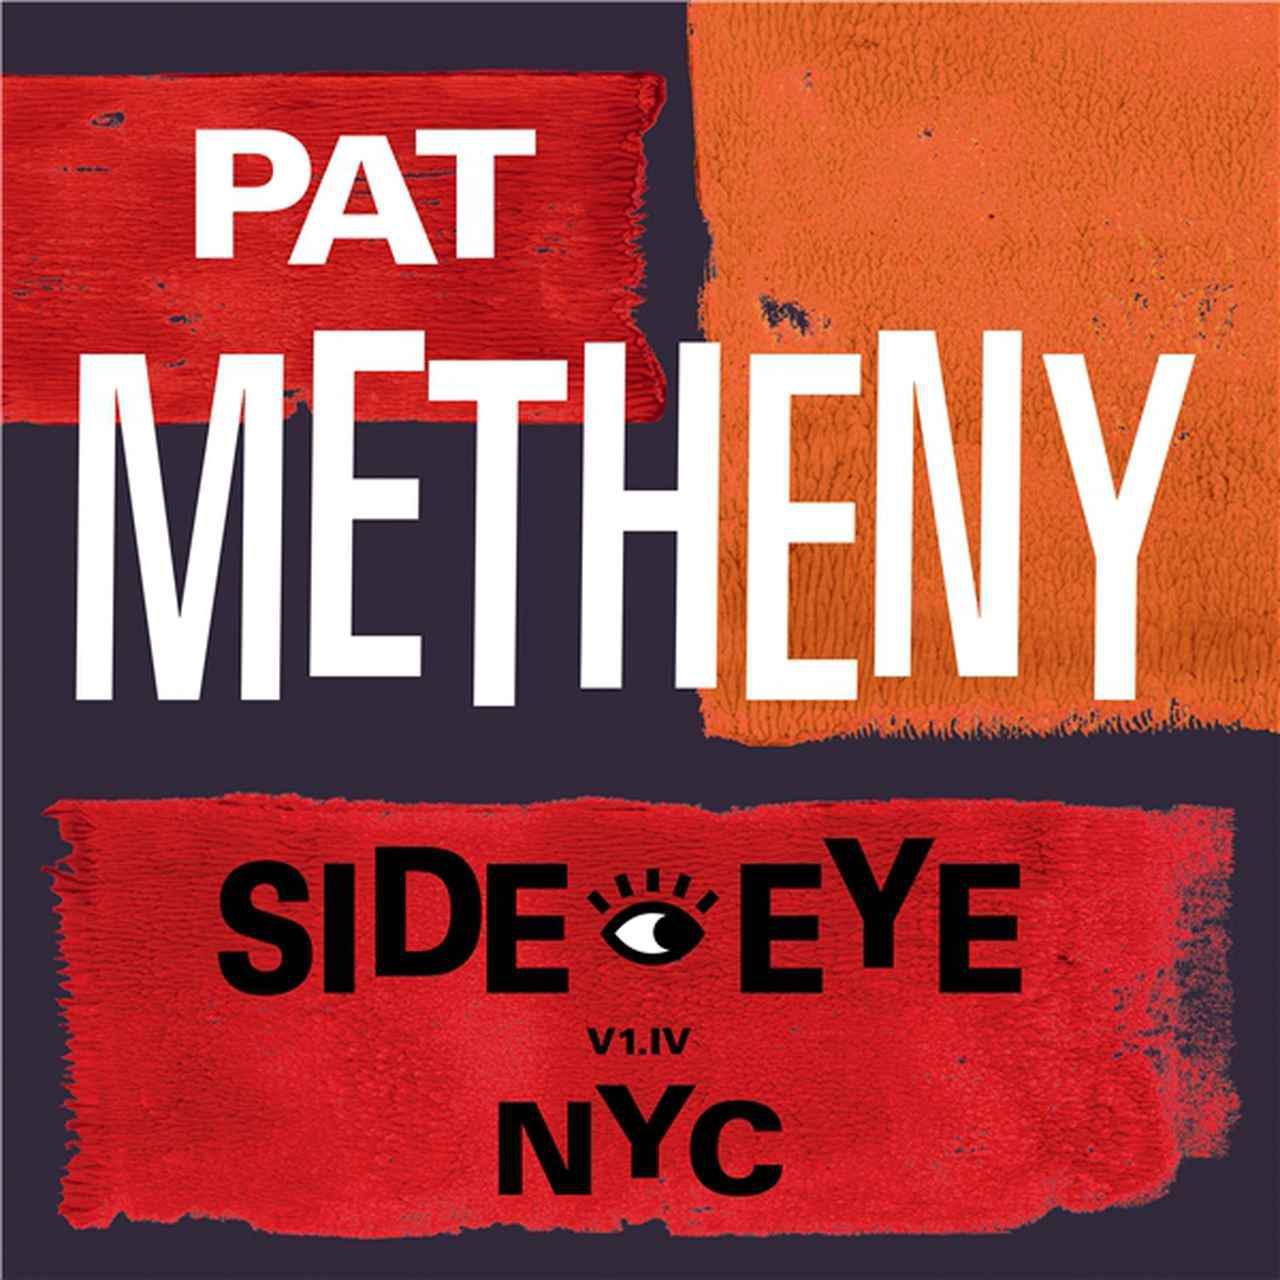 画像: Side-Eye NYC (V1.IV) [Japanese Version] / Pat Methenya